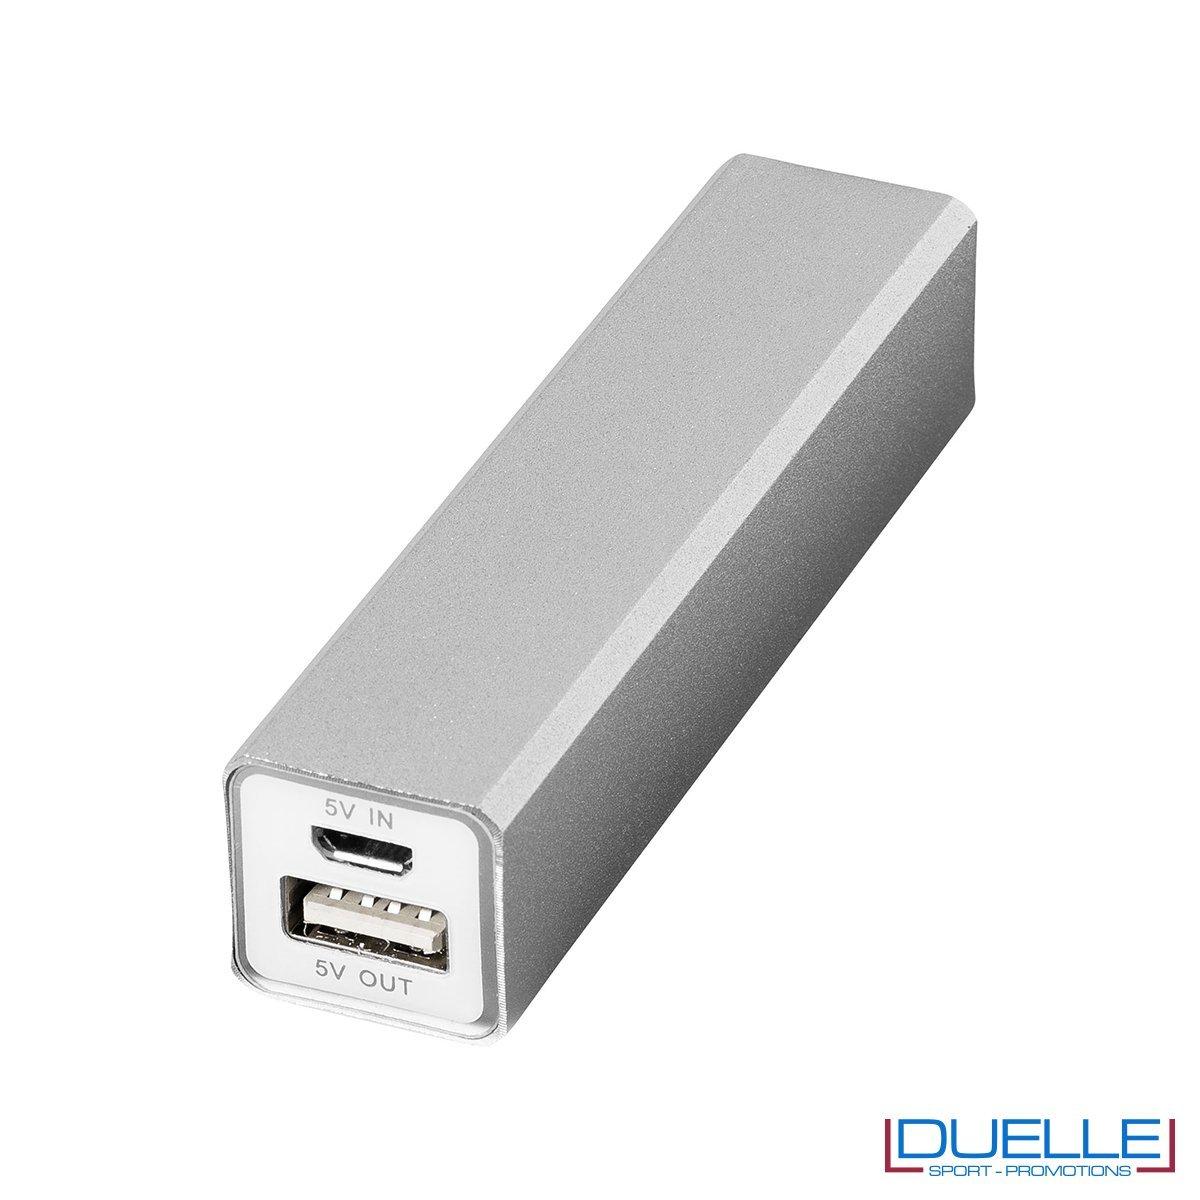 powerbank personalizzato 2200 mAh in alluminio argentato, powerbank per smartphone personalizzato